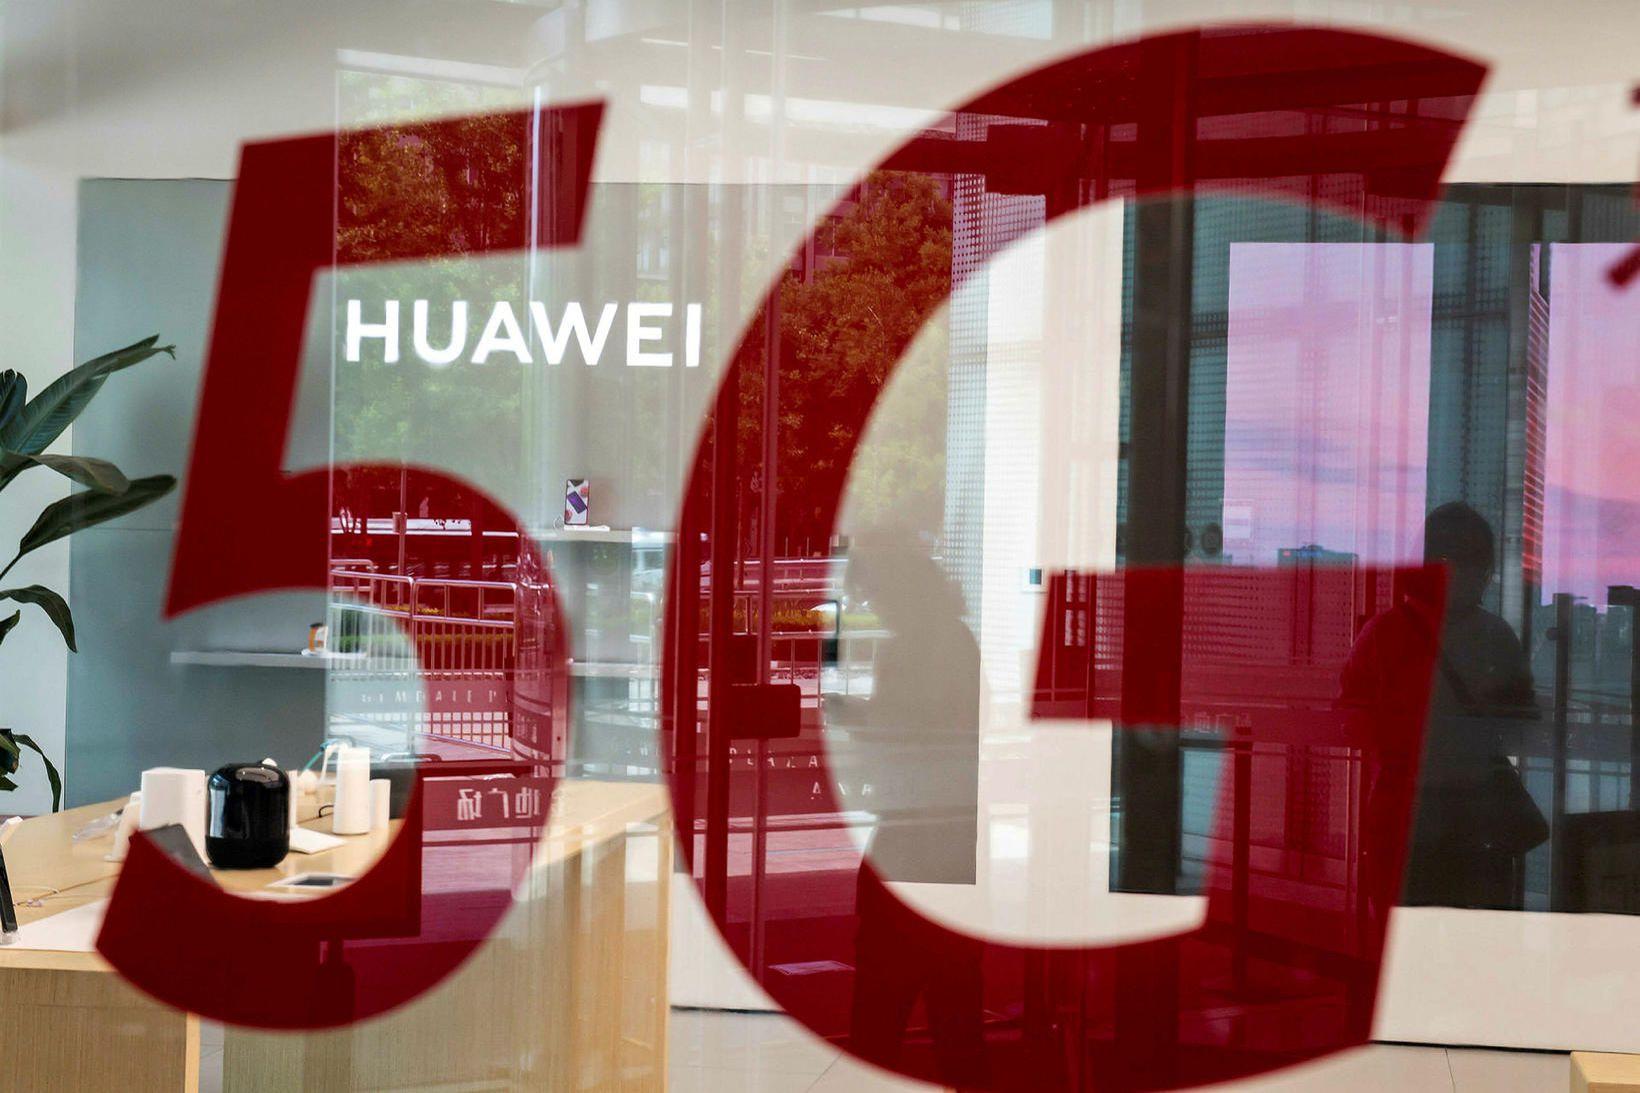 Huawei hefur til dæmis byggt upp 5G net fyrir Nova.